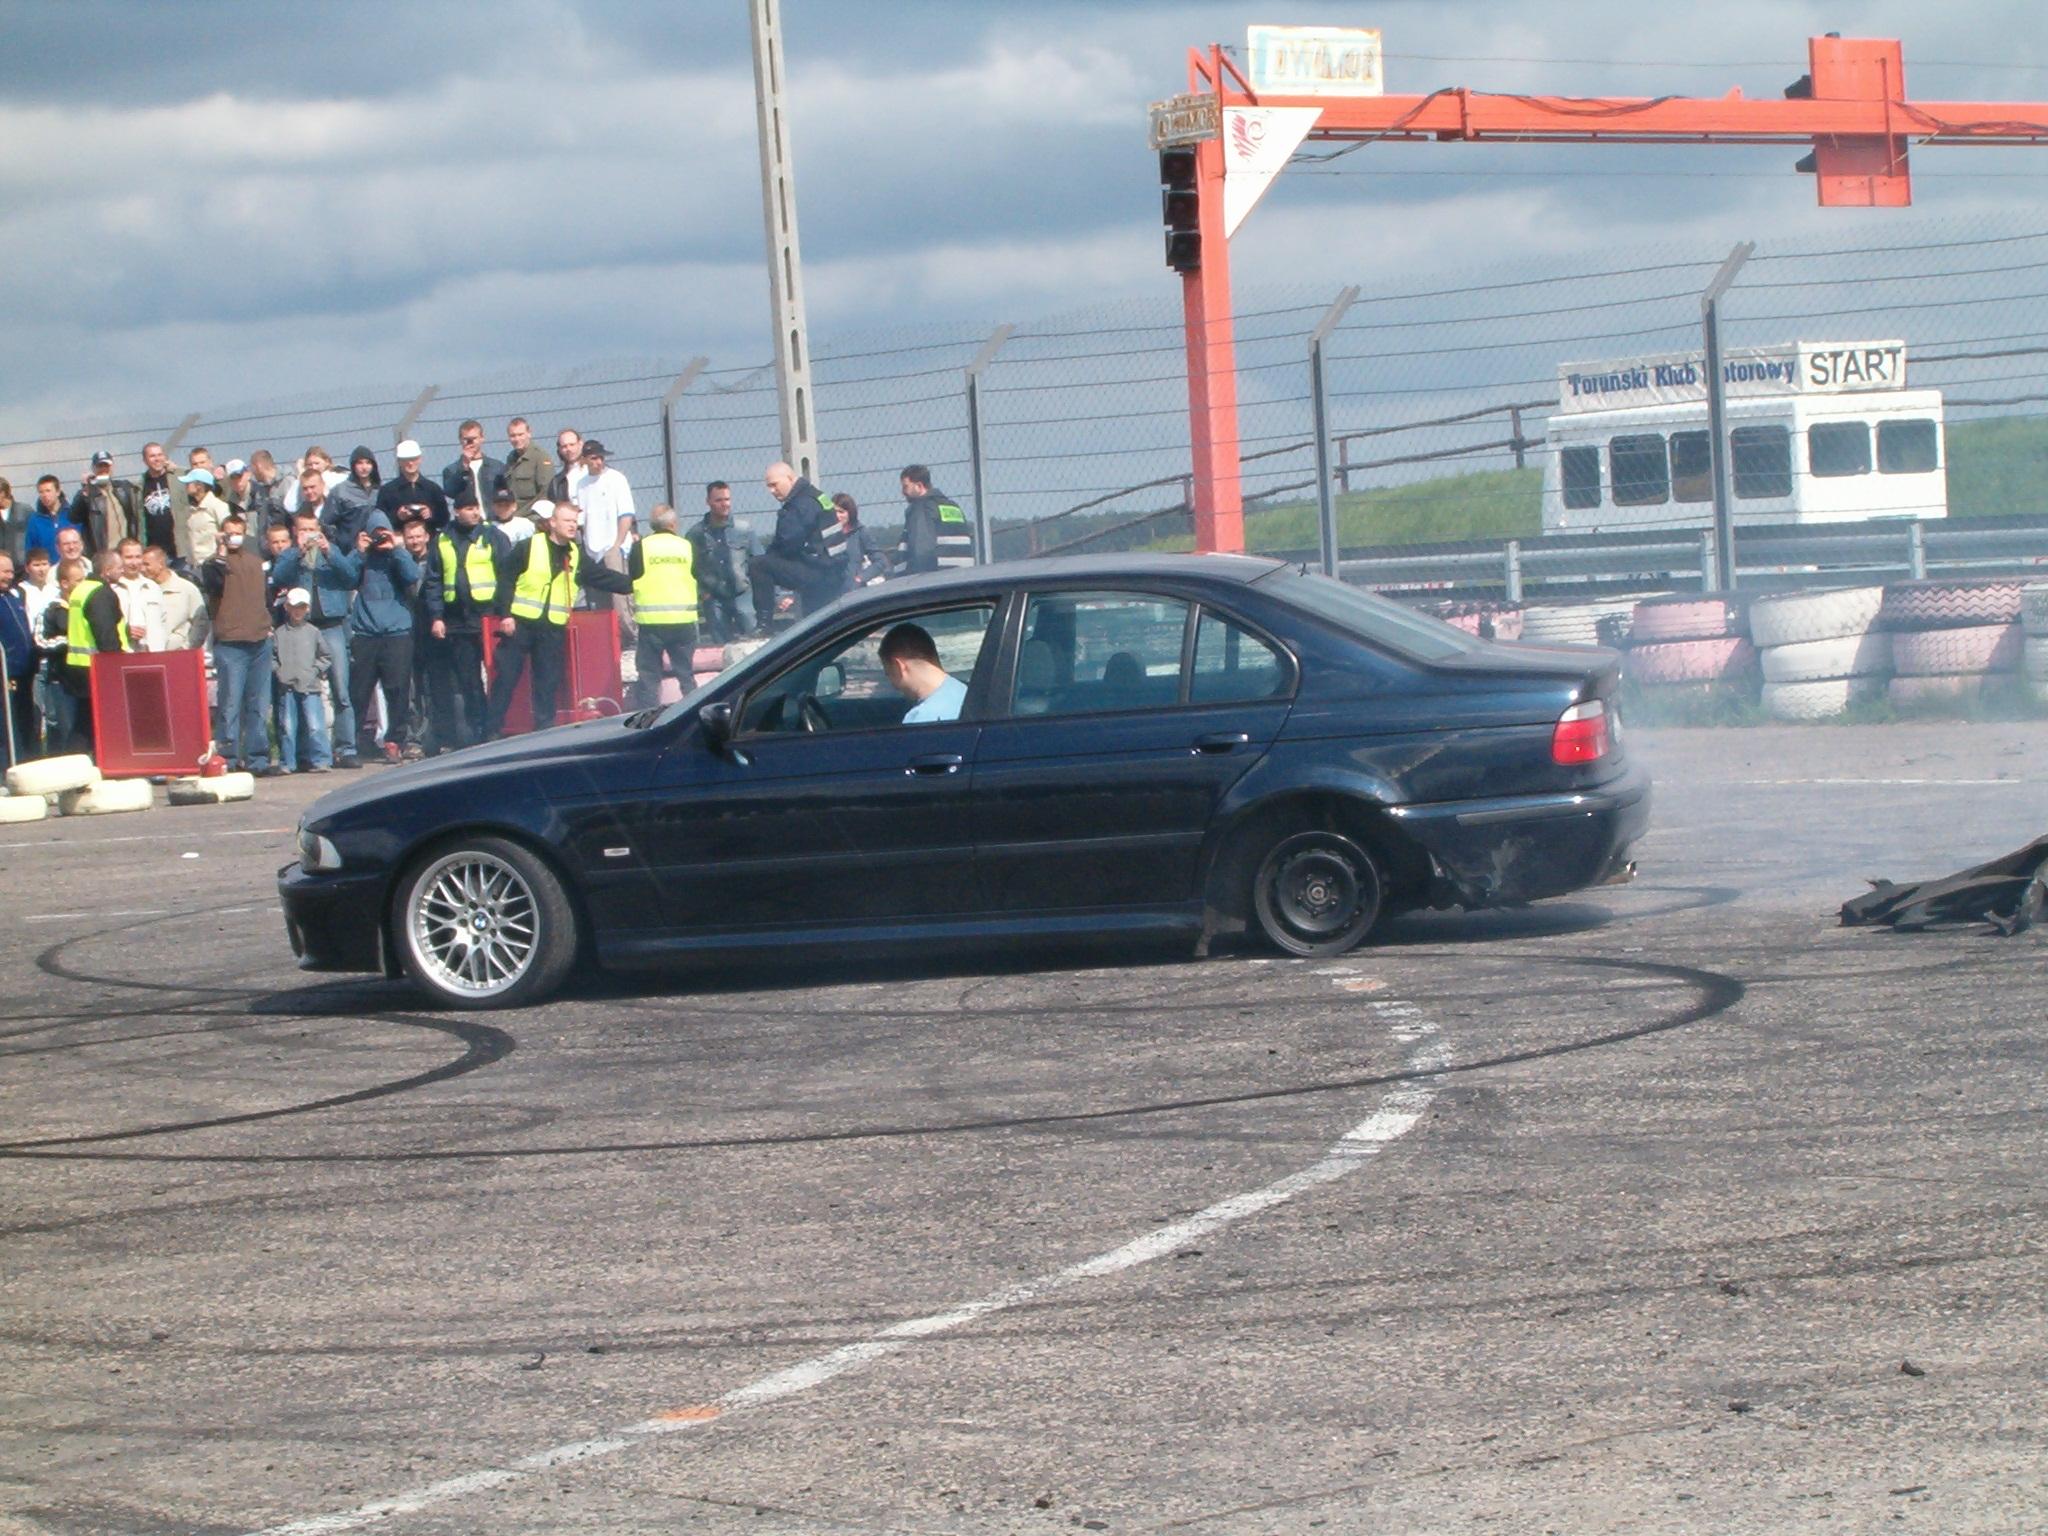 File:Burnout BMW 5 E39 PL 950.JPG